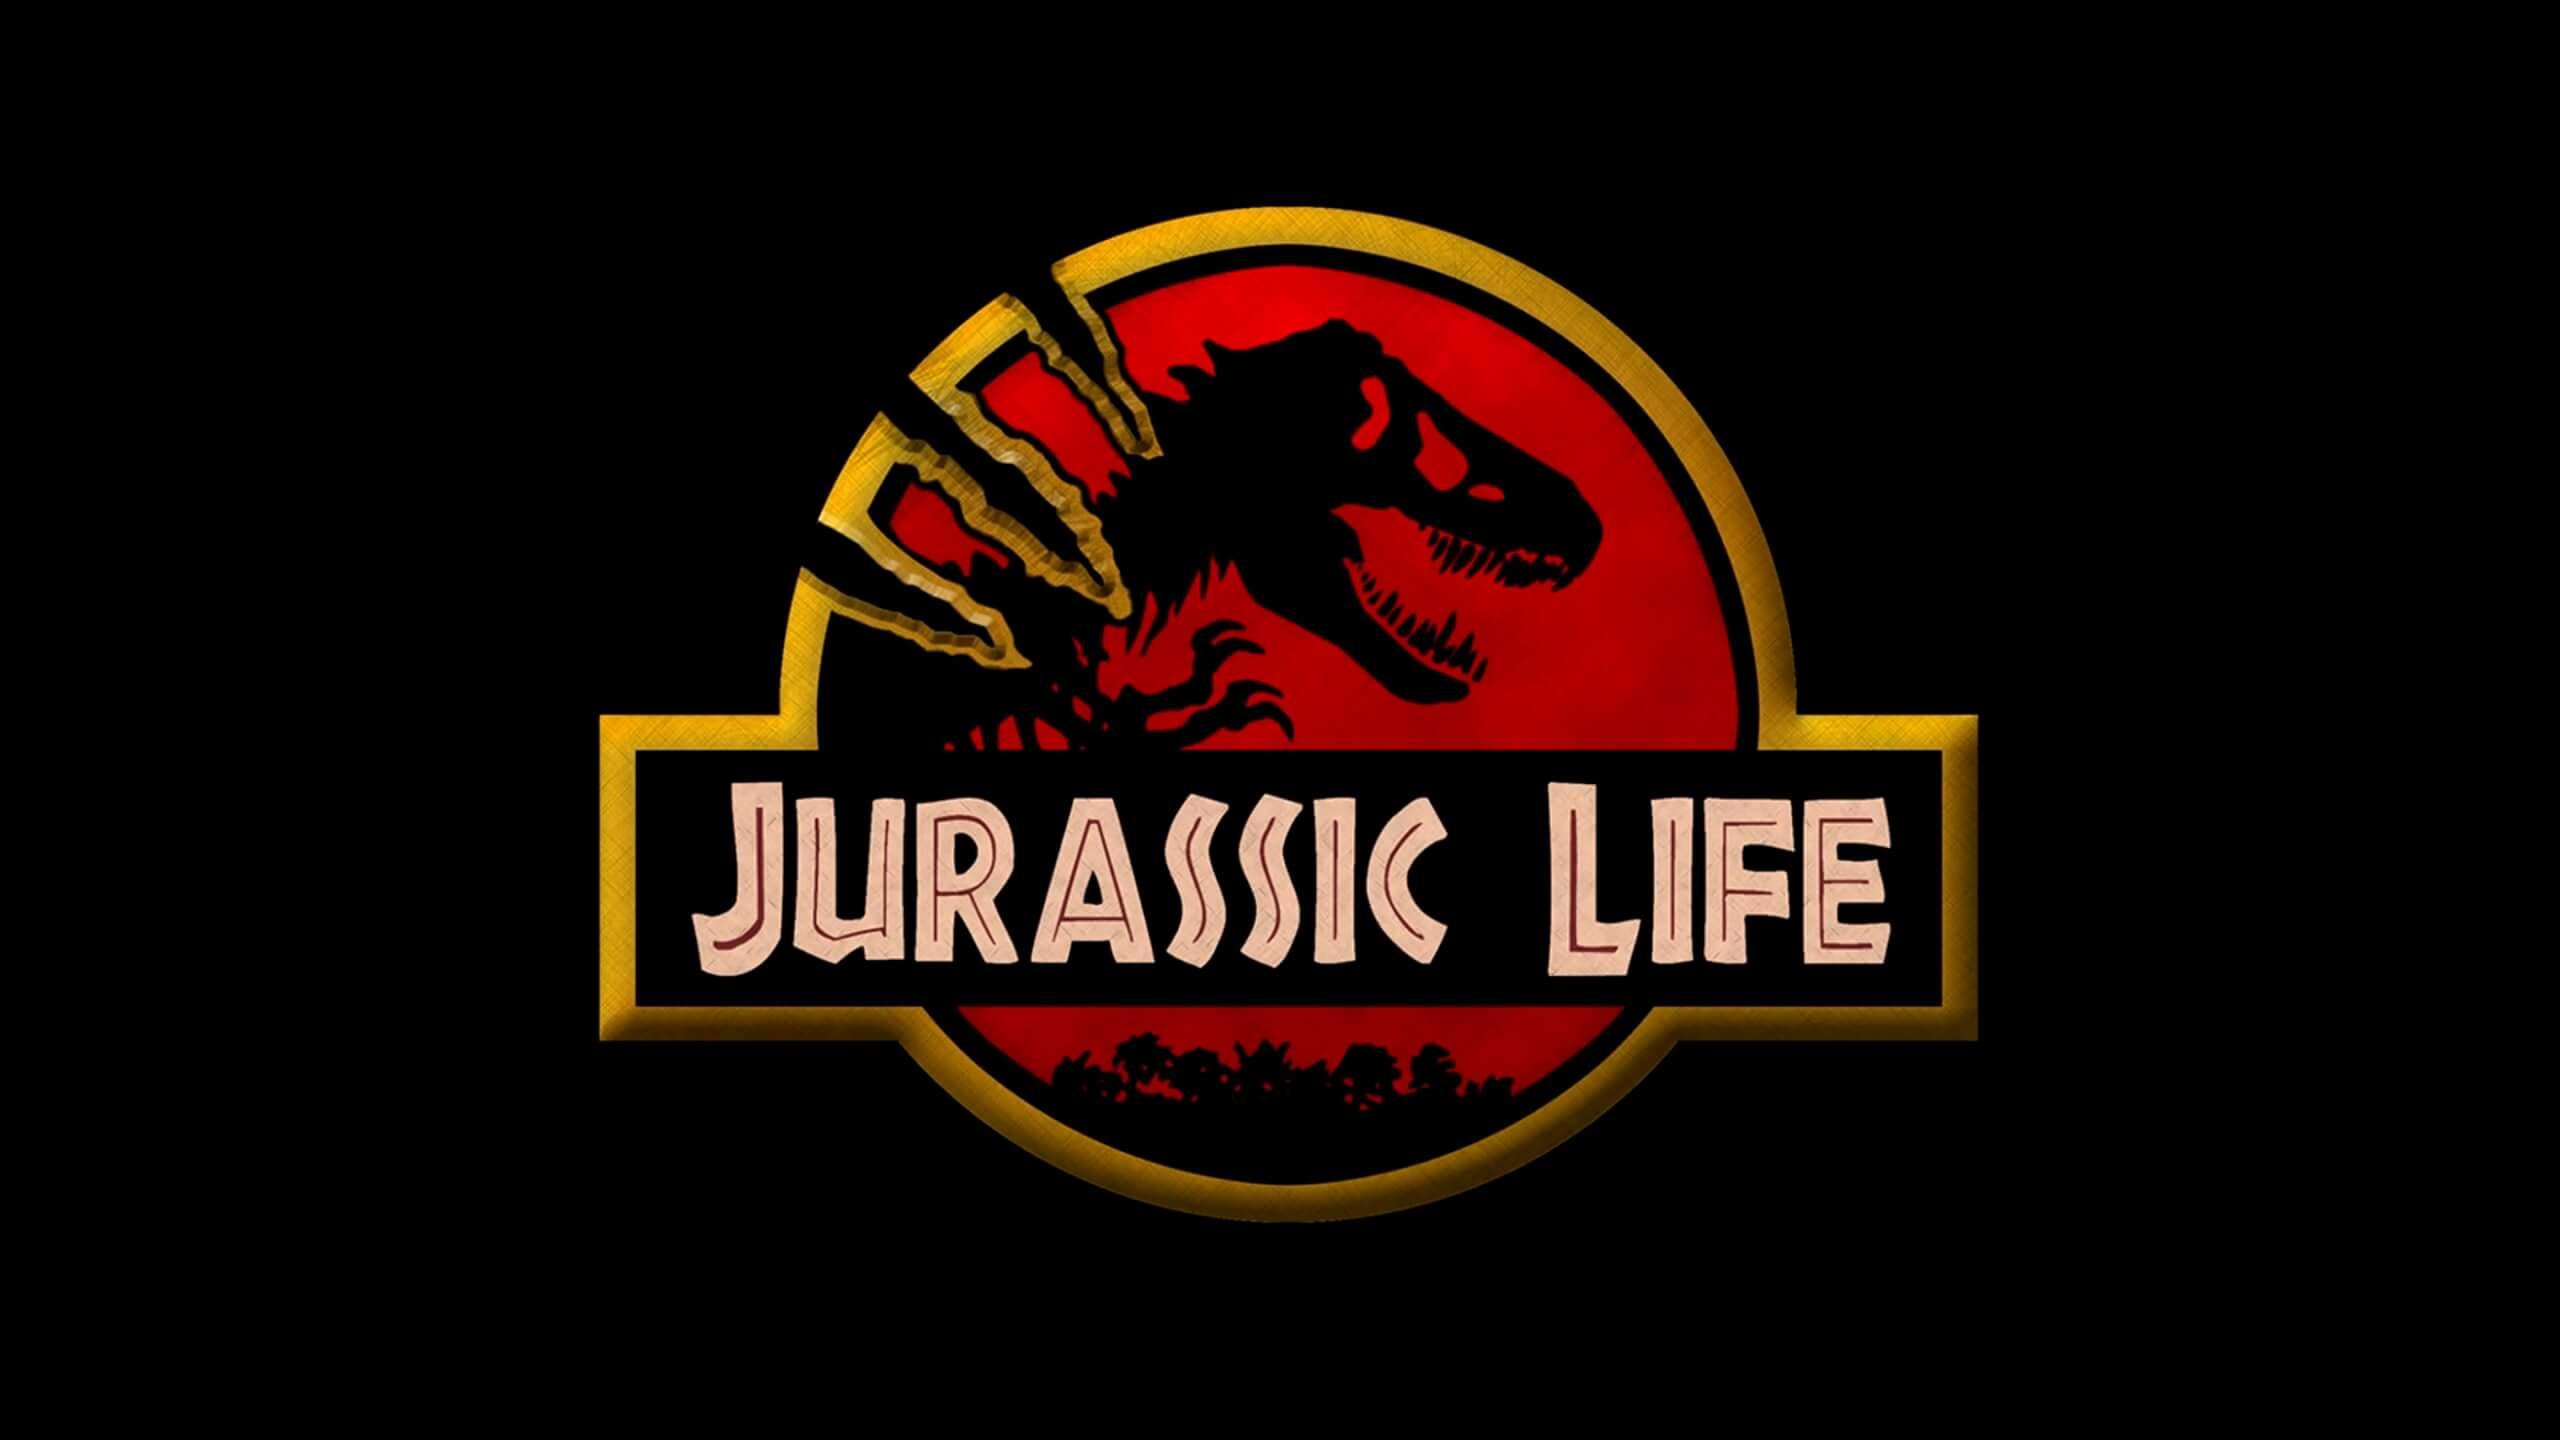 Jurassic park game mod for half-life 2 download borgata casino and